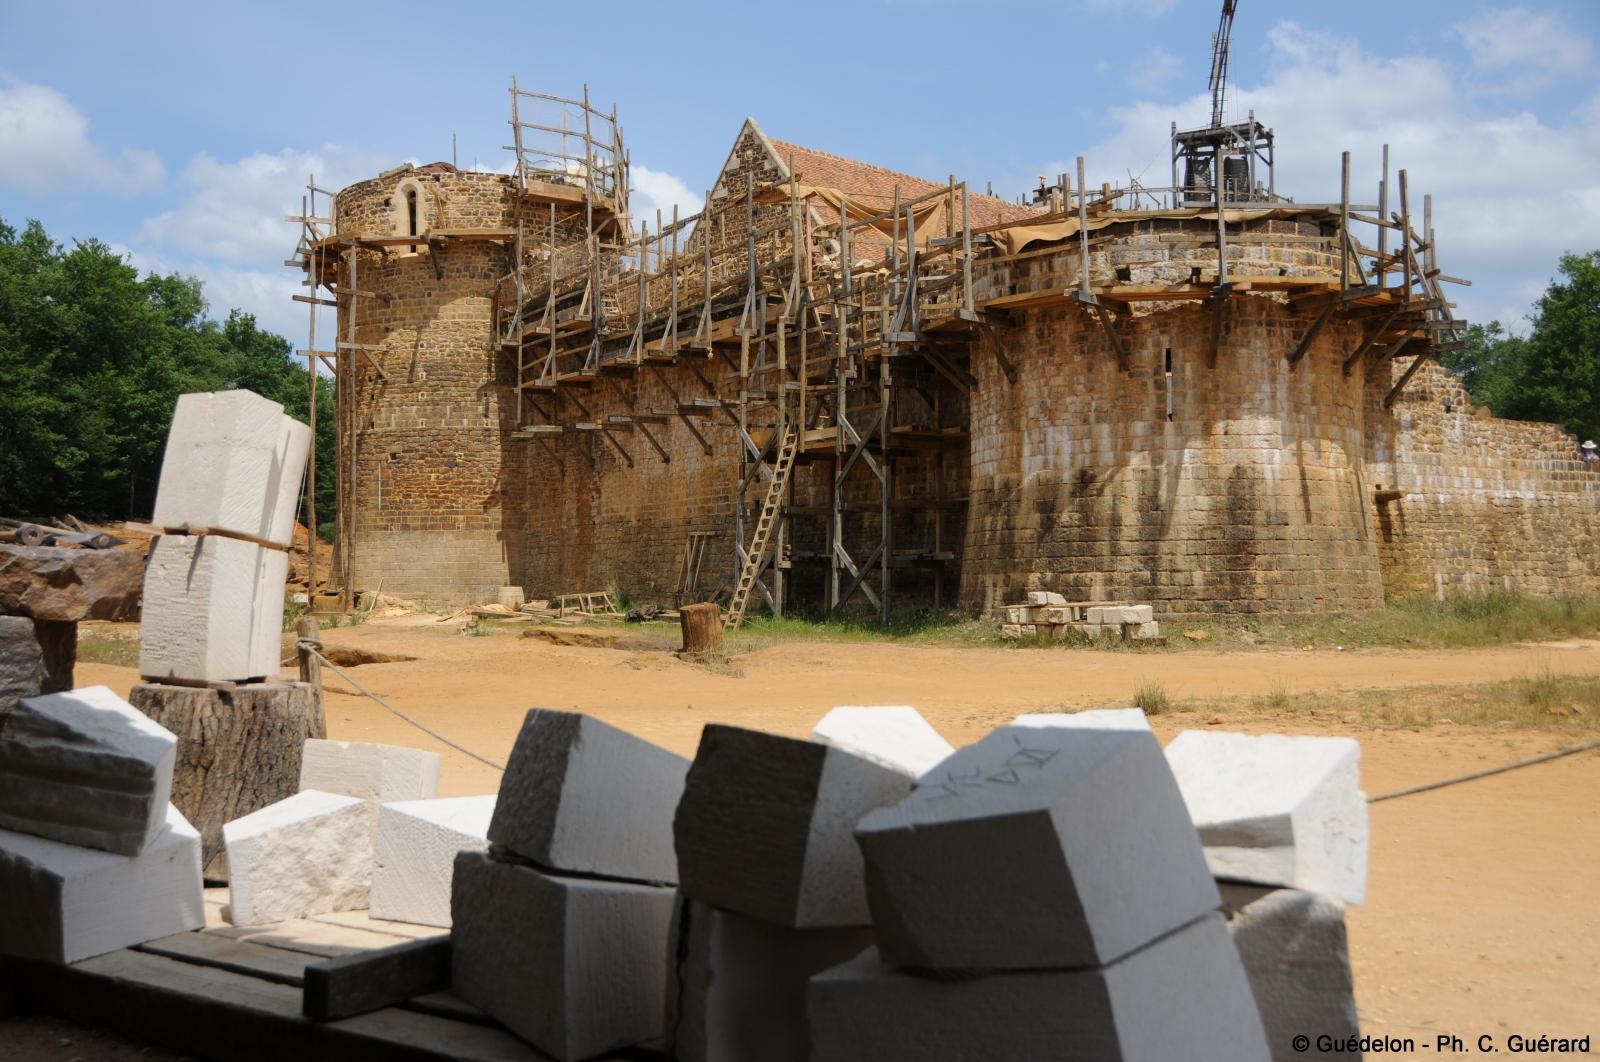 castillo de guedelon en francia 2